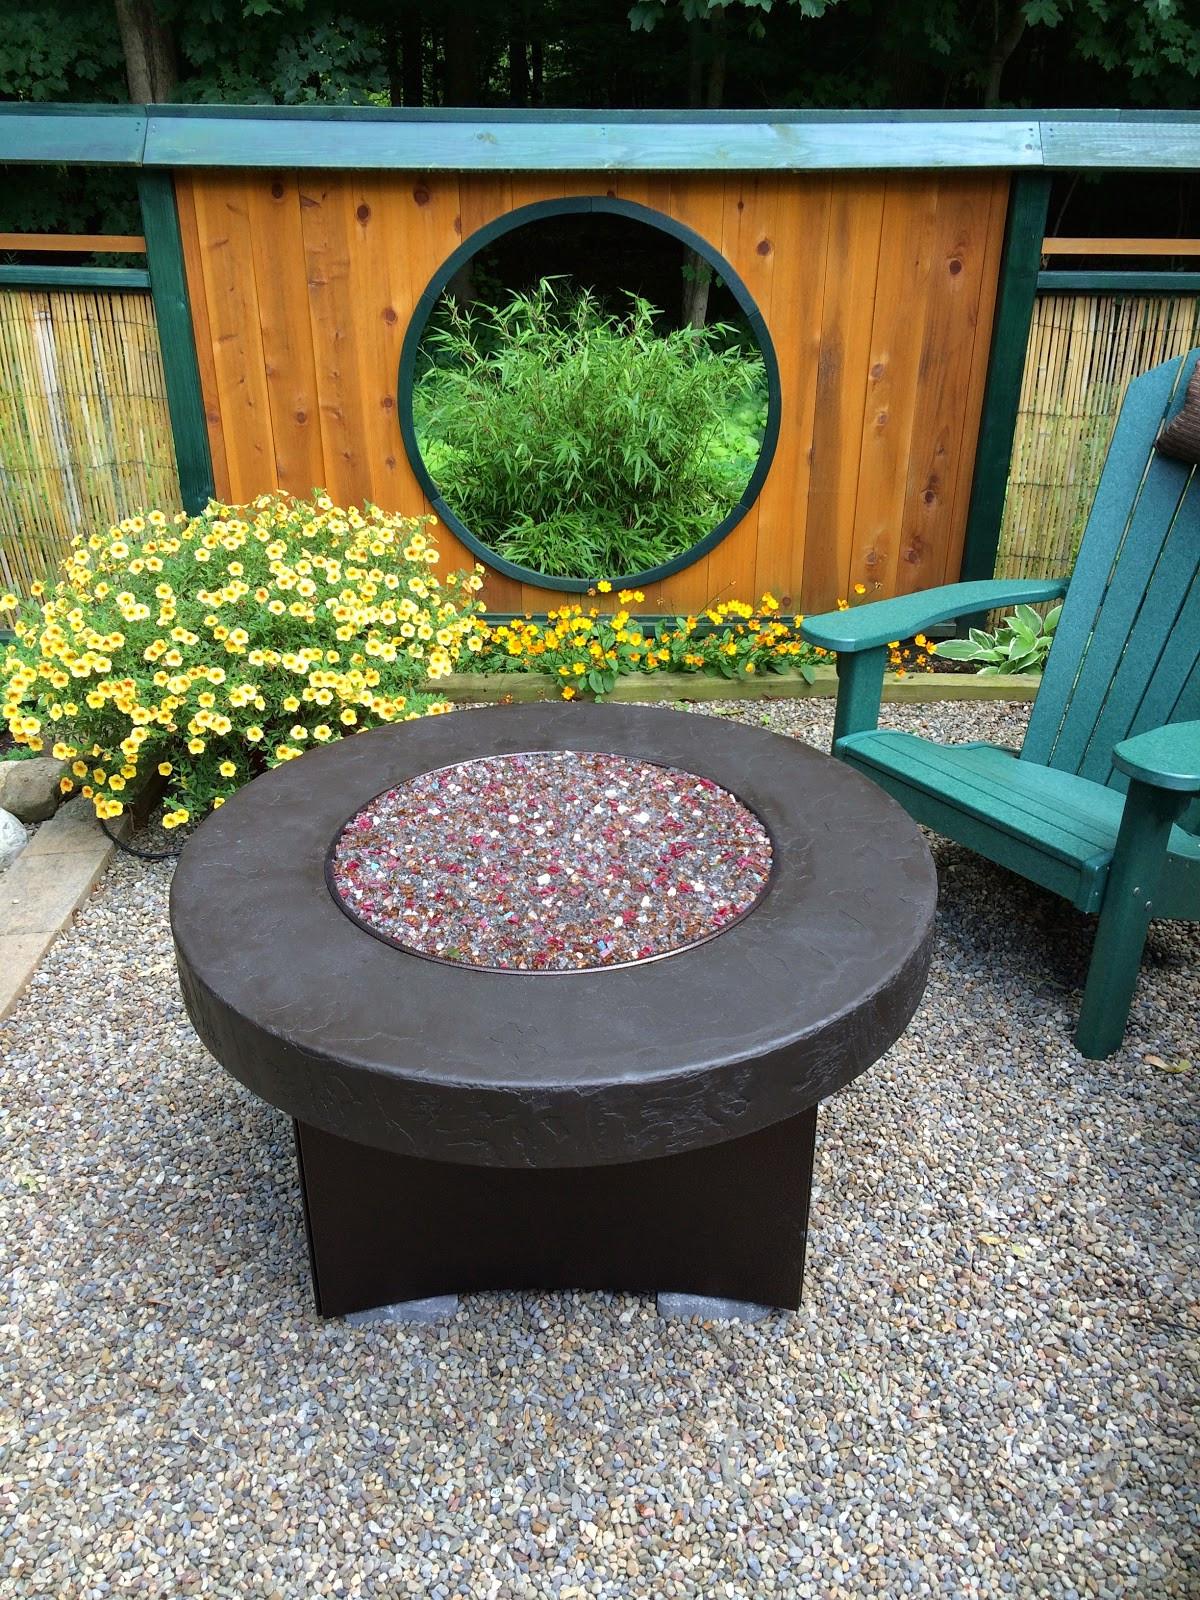 Best ideas about All Backyard Fun . Save or Pin My Zen Garden June 2014 Now.